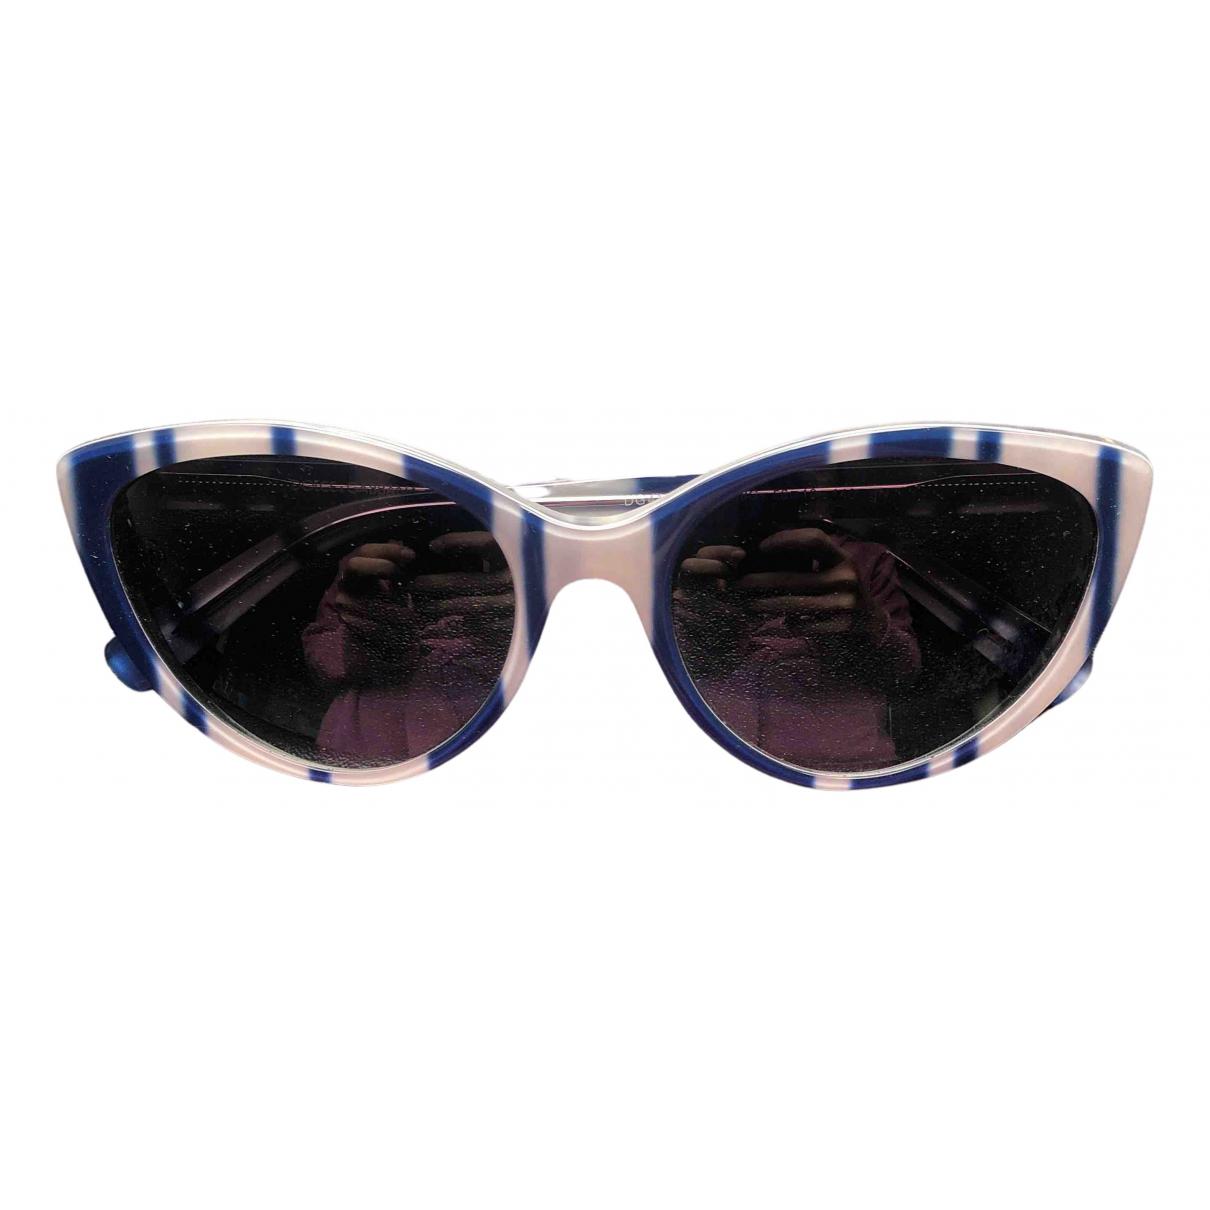 Dolce & Gabbana - Lunettes   pour femme - bleu